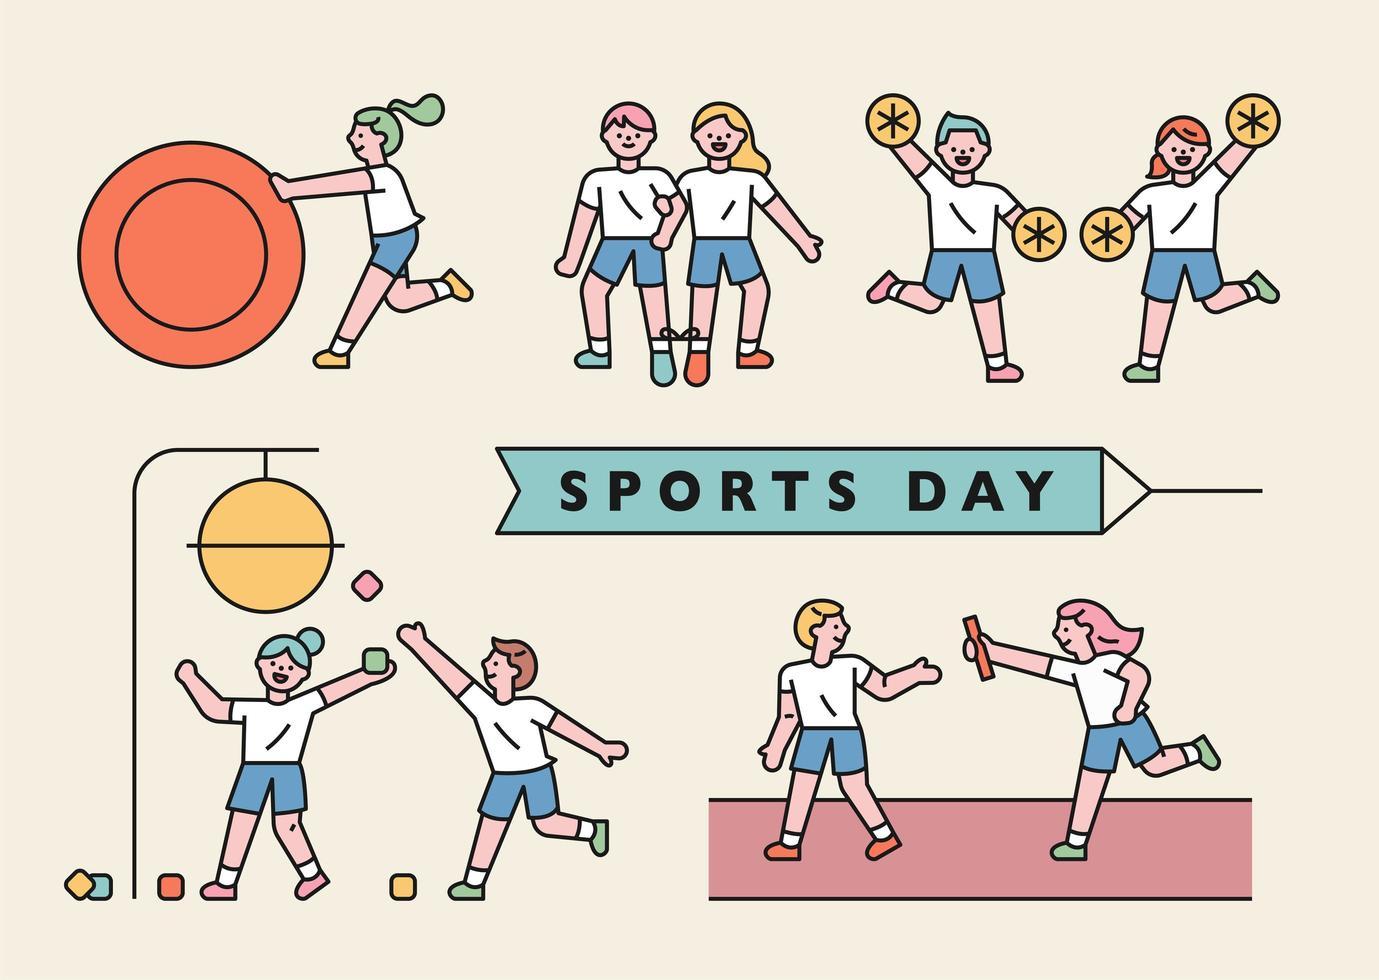 día de deportes escolares vector